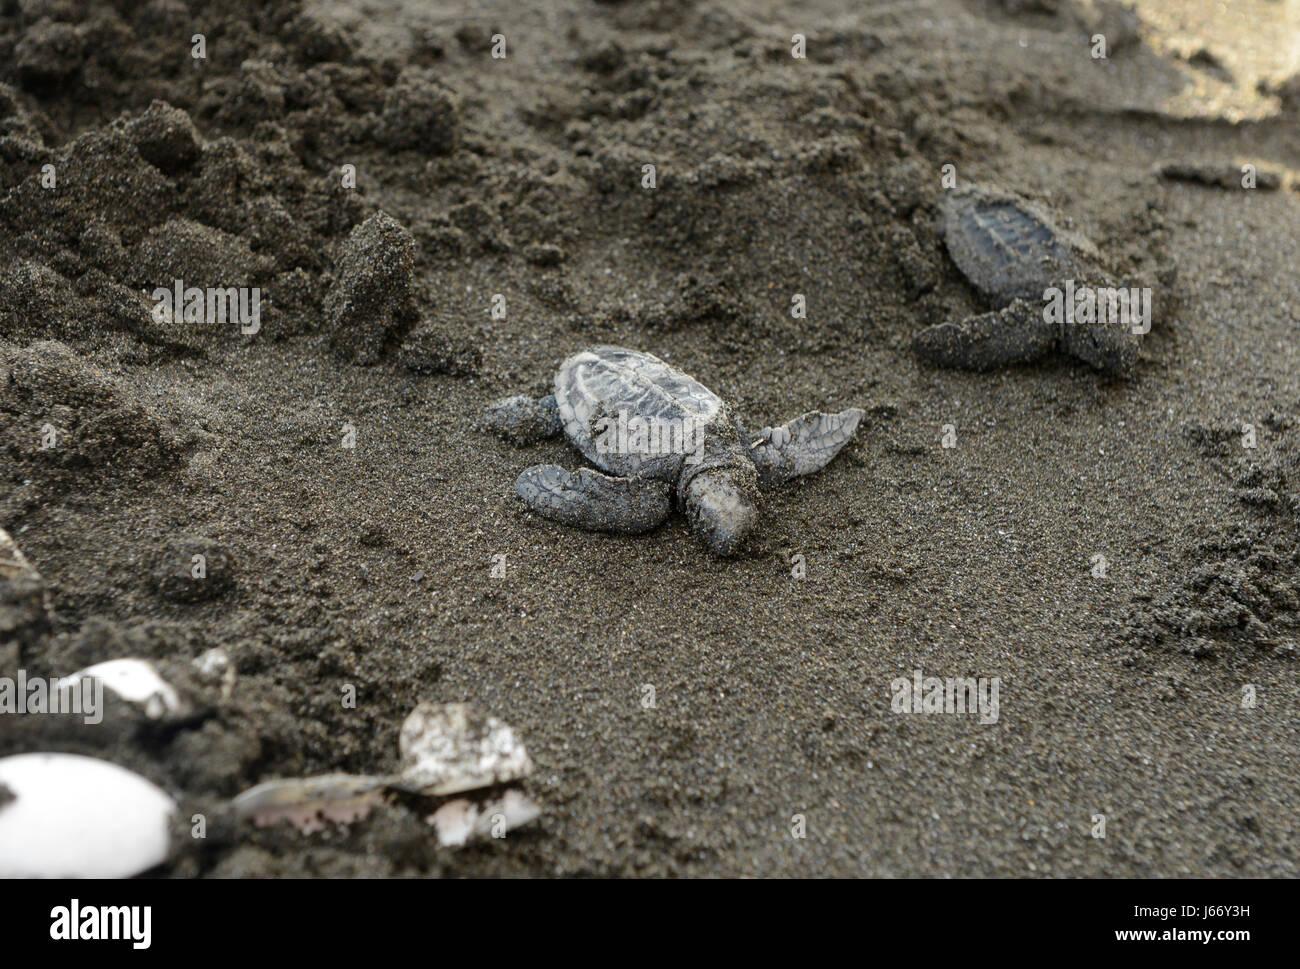 Las crías de tortuga golfina (Lepidochelys olivacea) son liberados en el Refugio de Vida Silvestre Punta Mala Imagen De Stock